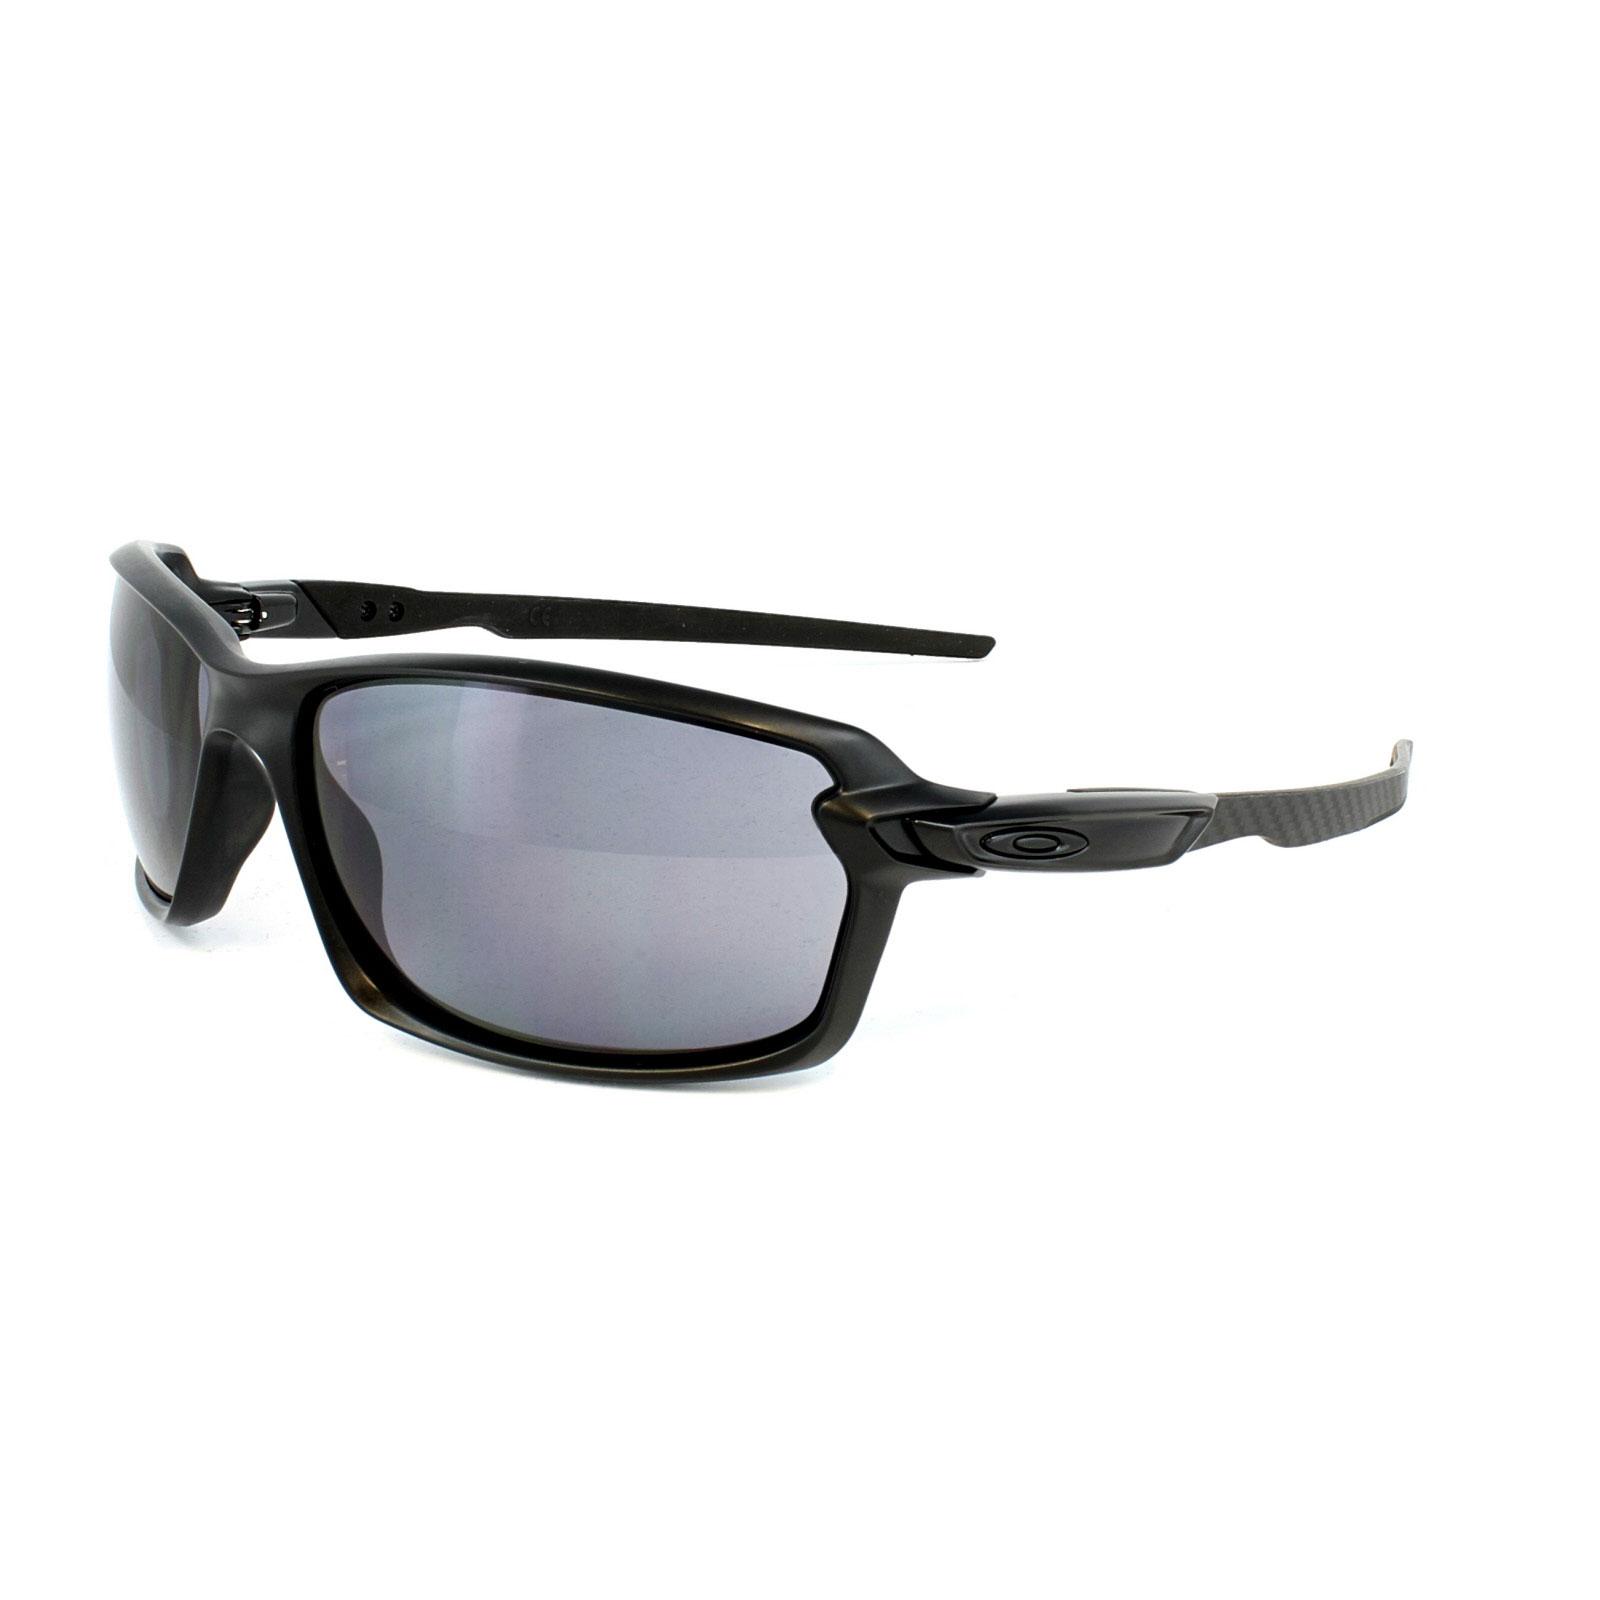 Oakley Sunglasses Carbon Shift OO9302-01 Matt Black Grey ...